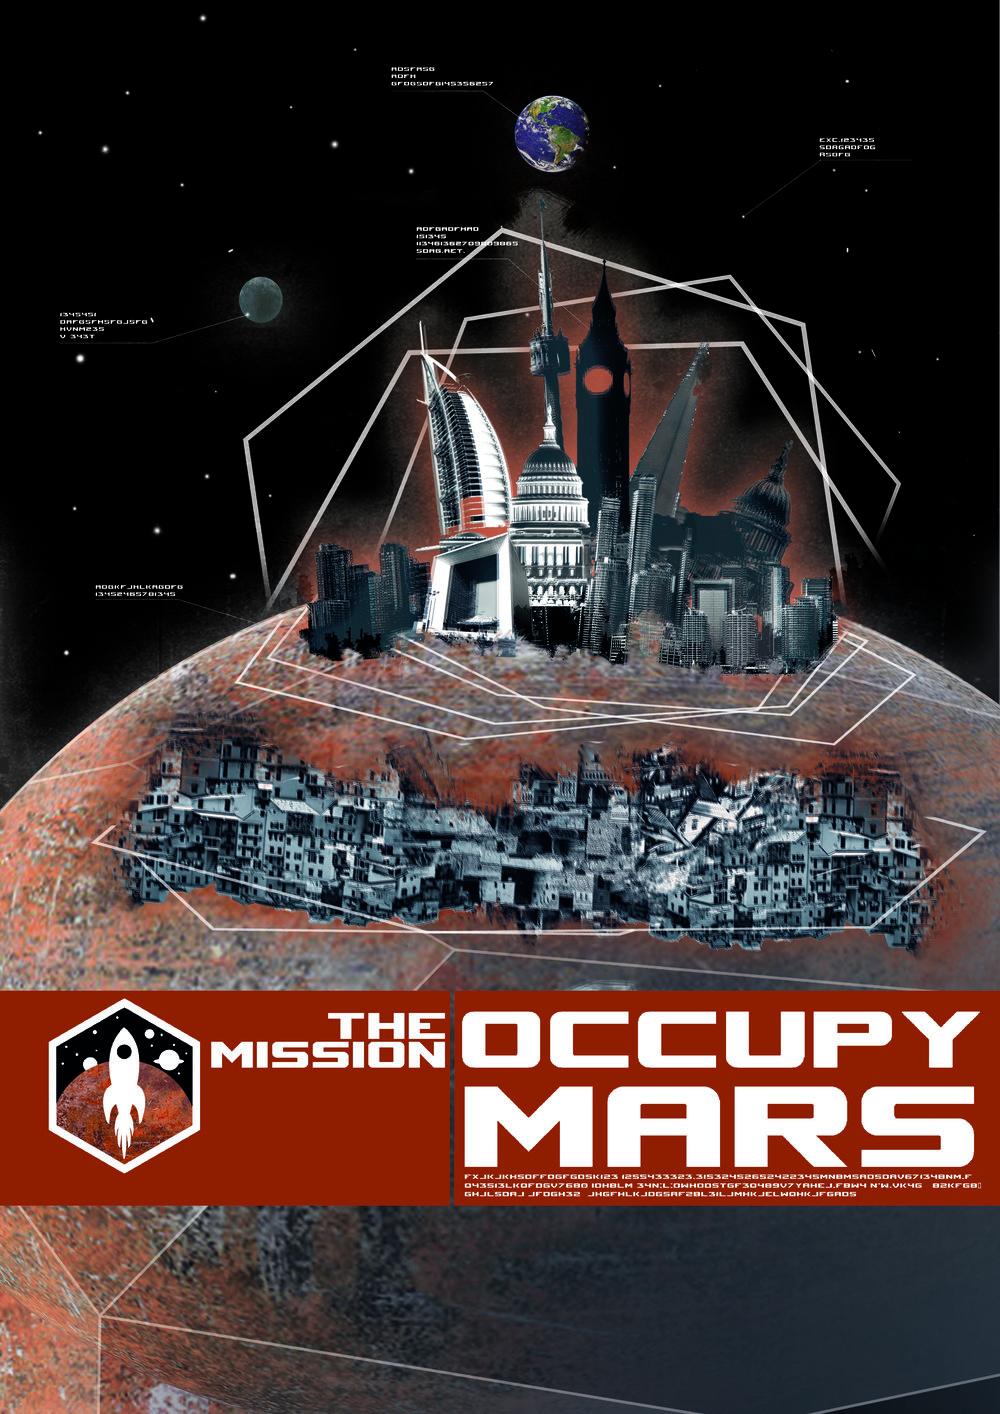 TheMission_OccupyMars_Hi-Res (1).jpg